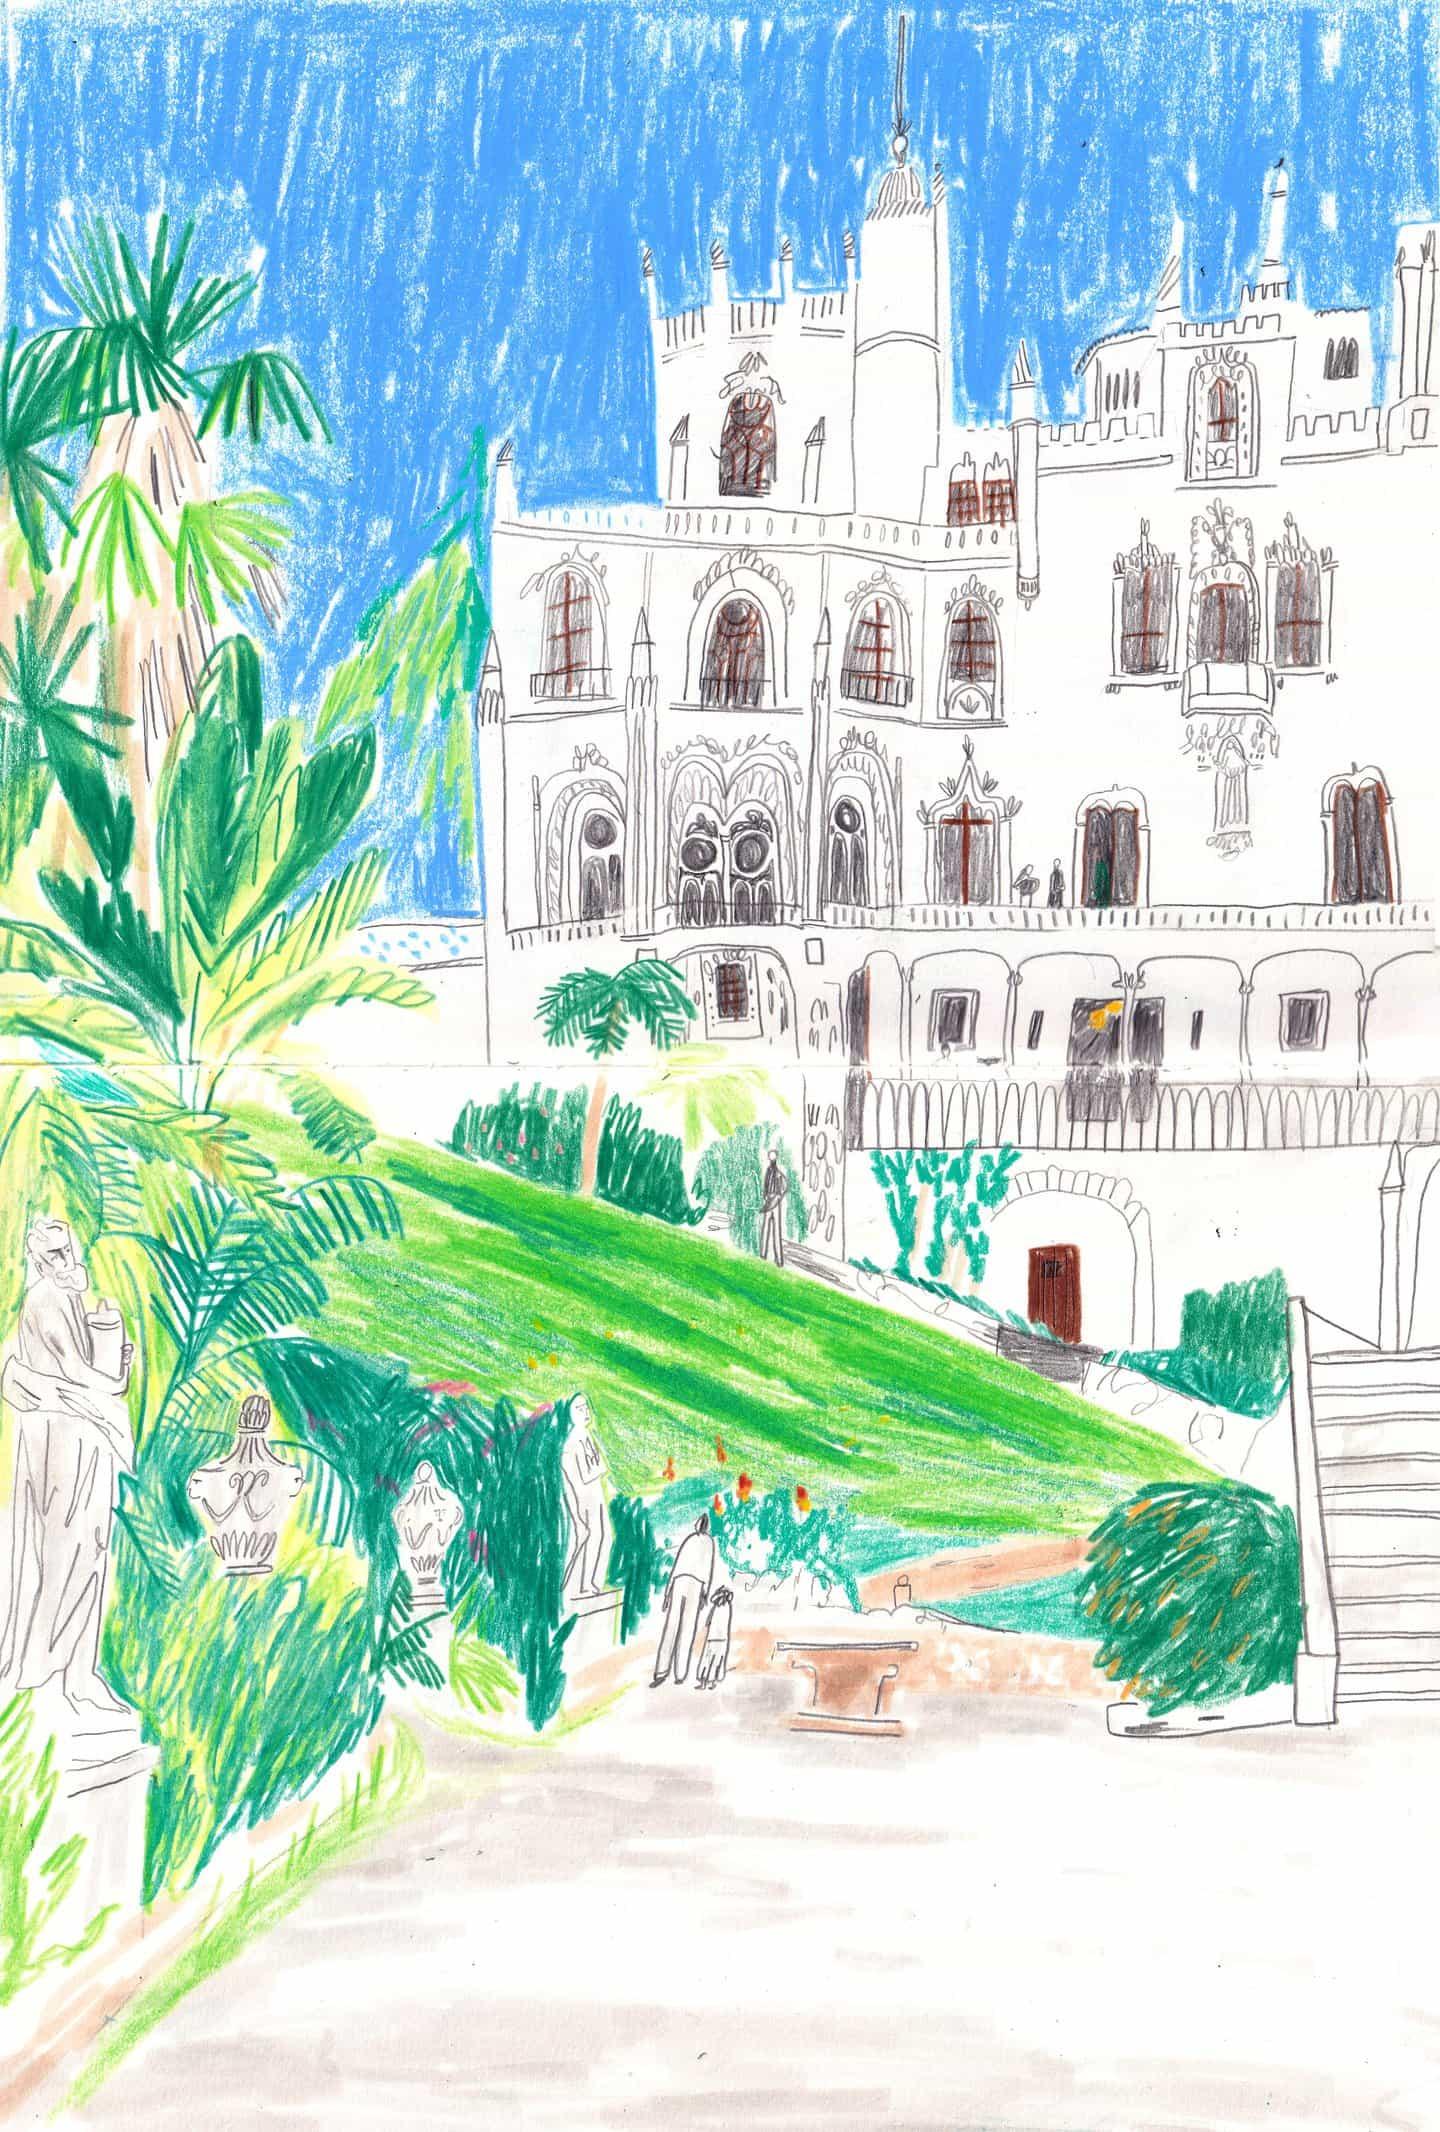 Cuaderno de dibujo de la Quinta da Regaleira en Sintra, Portugal